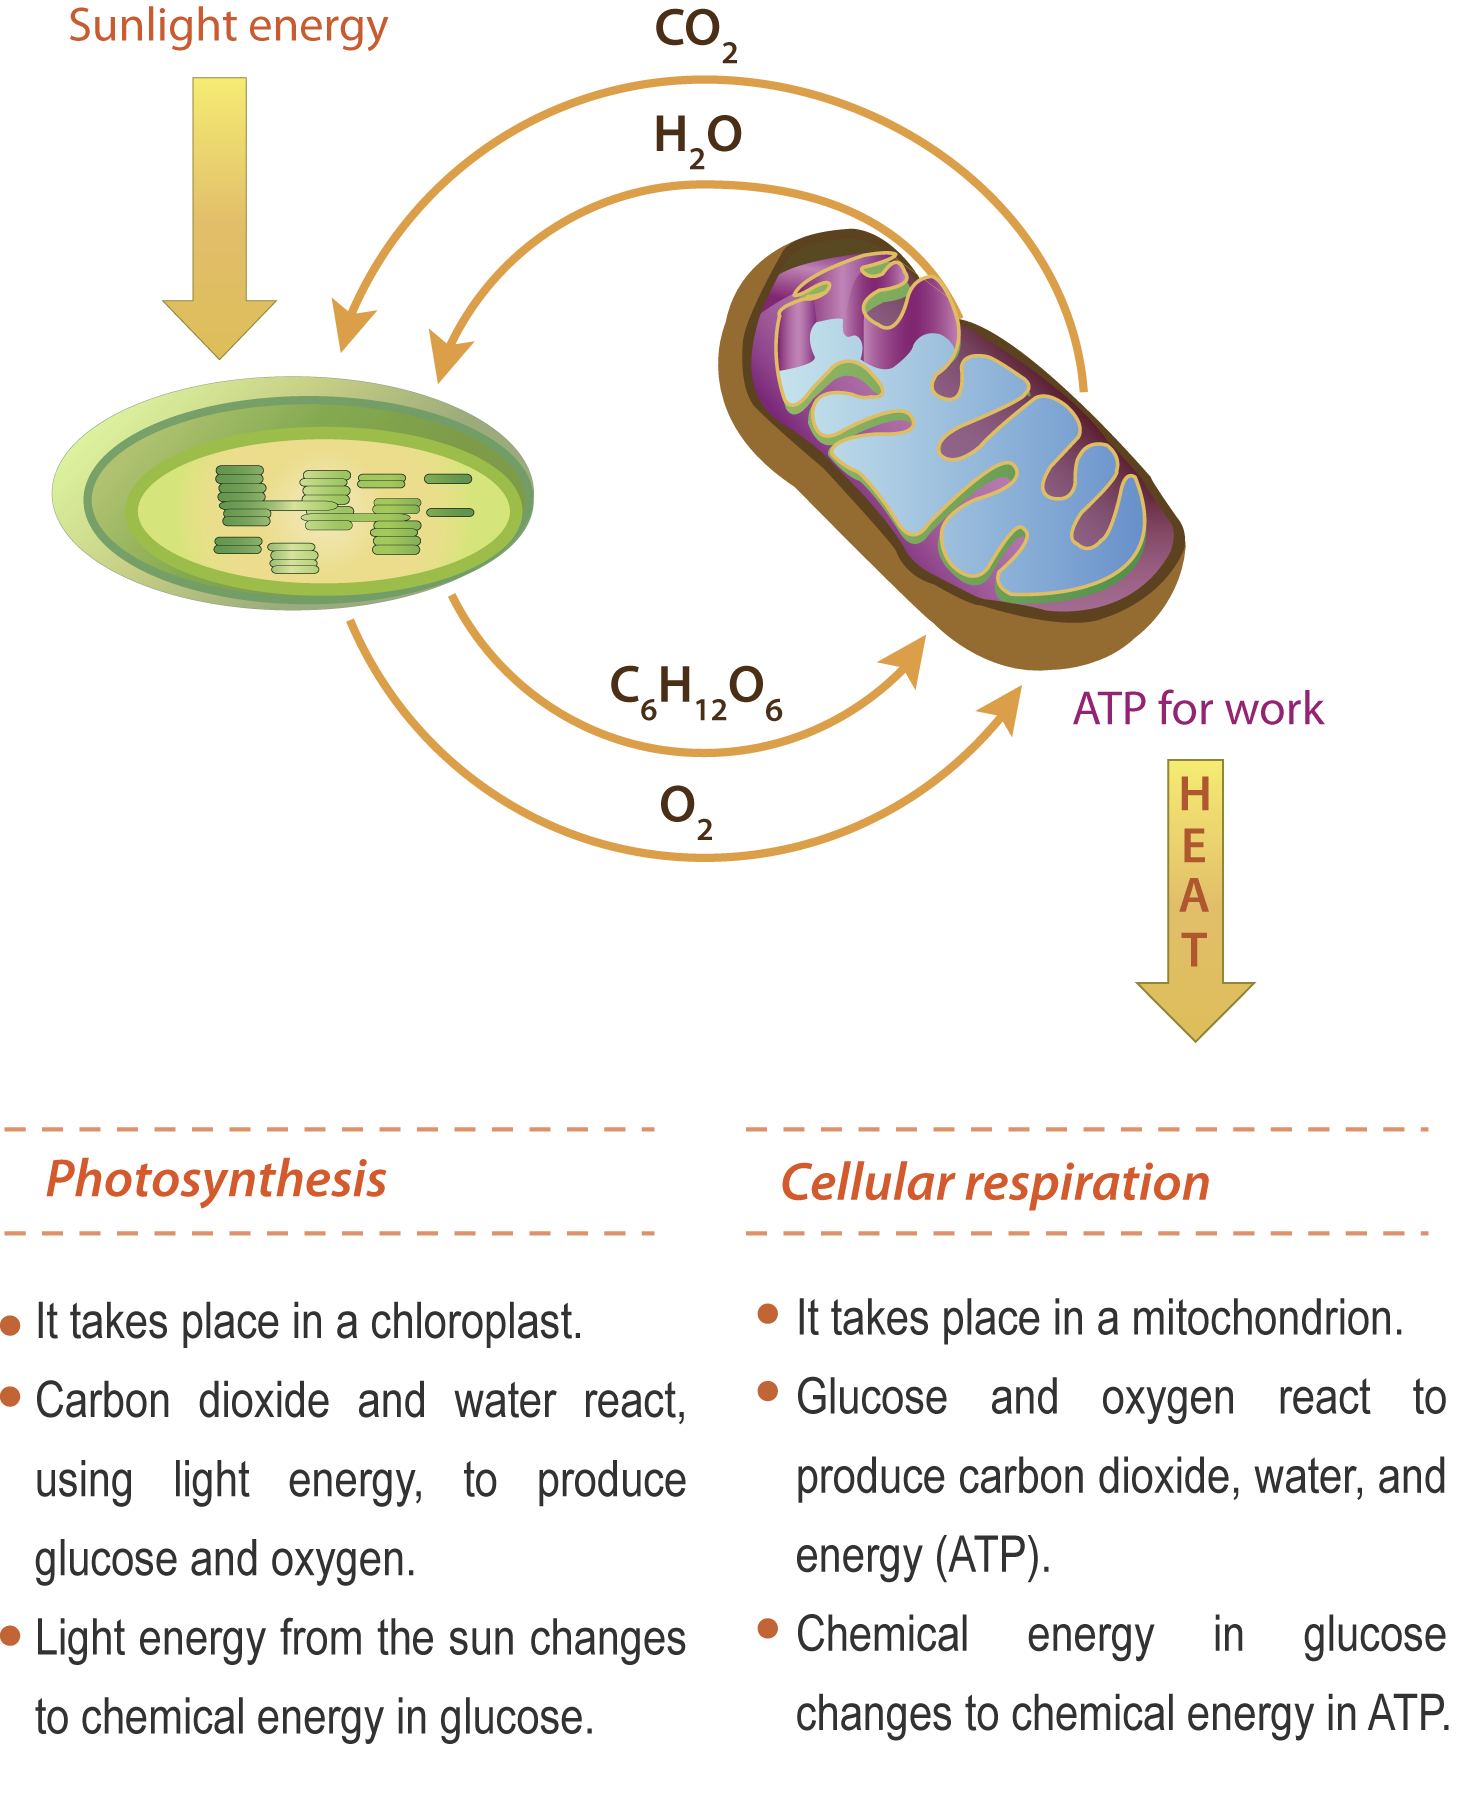 Principales diferencias entre respiracion celular y fotosintesis 20